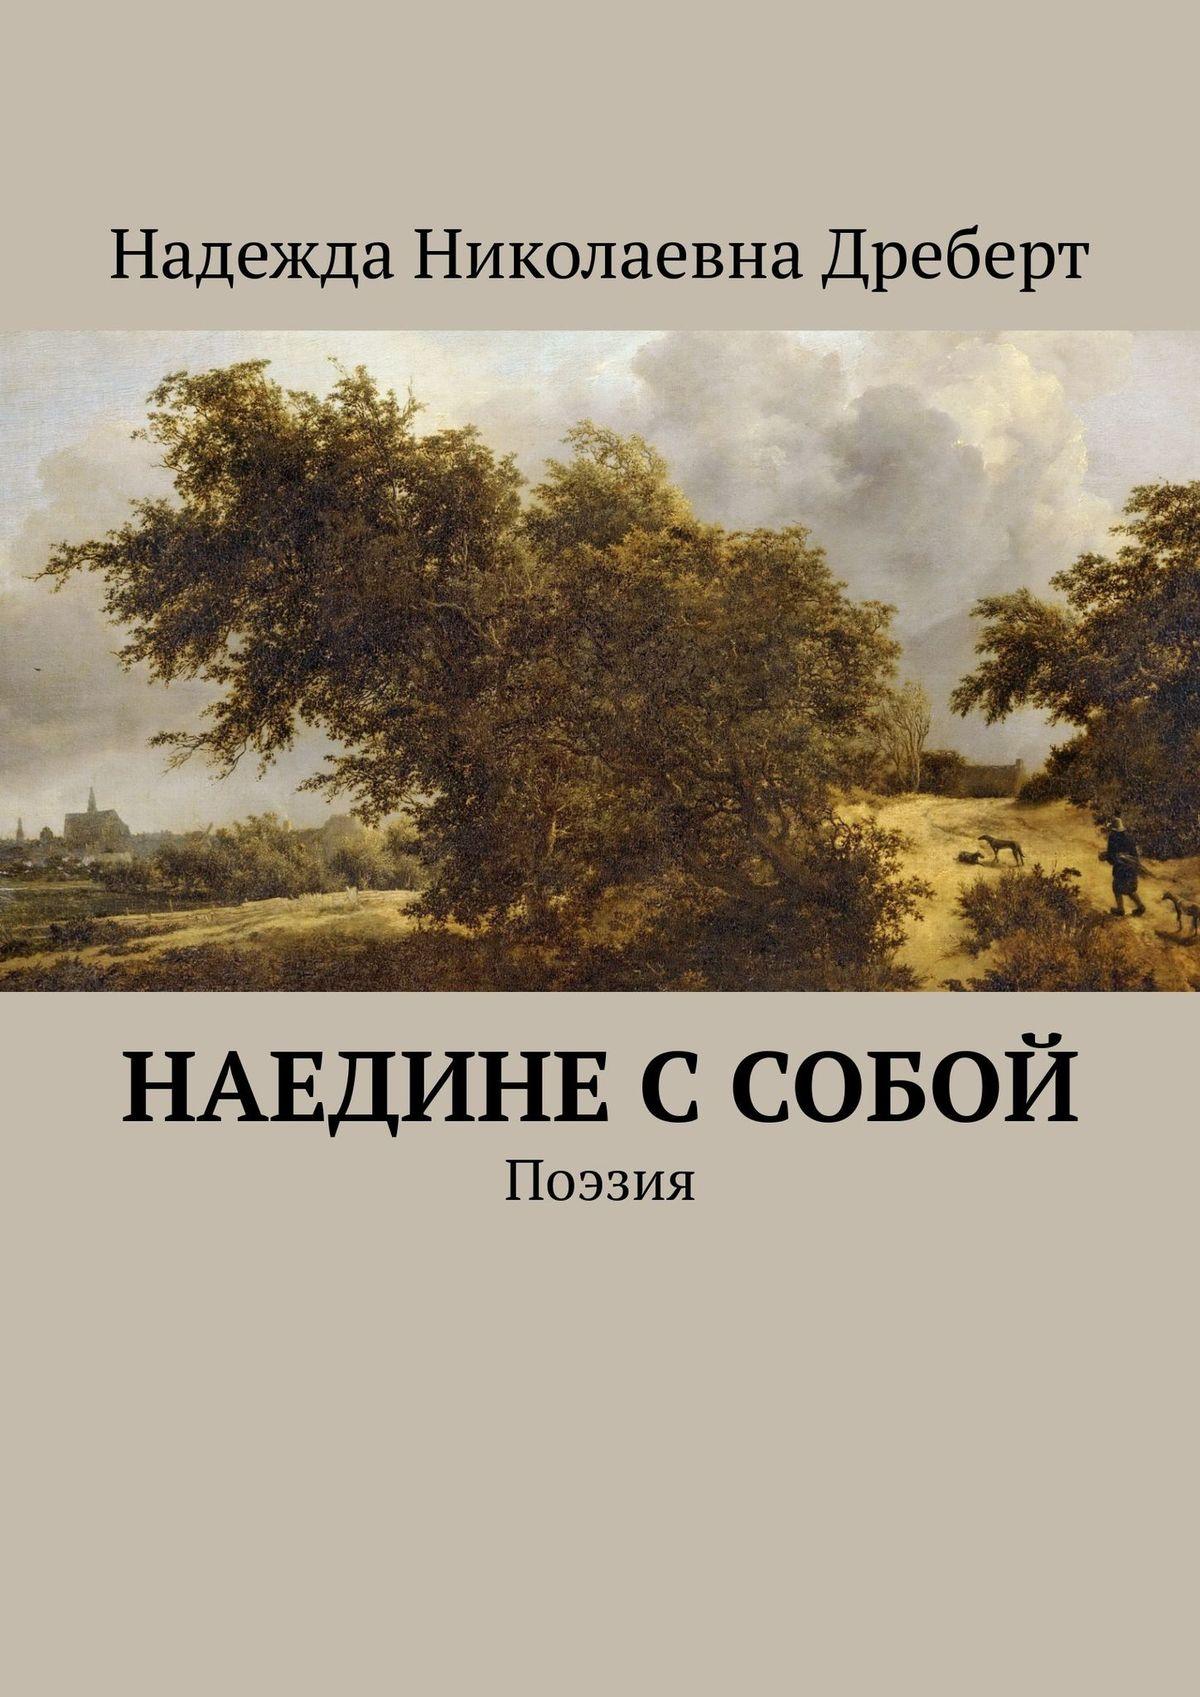 Надежда Николаевна Дреберт Наедине ссобой. Поэзия